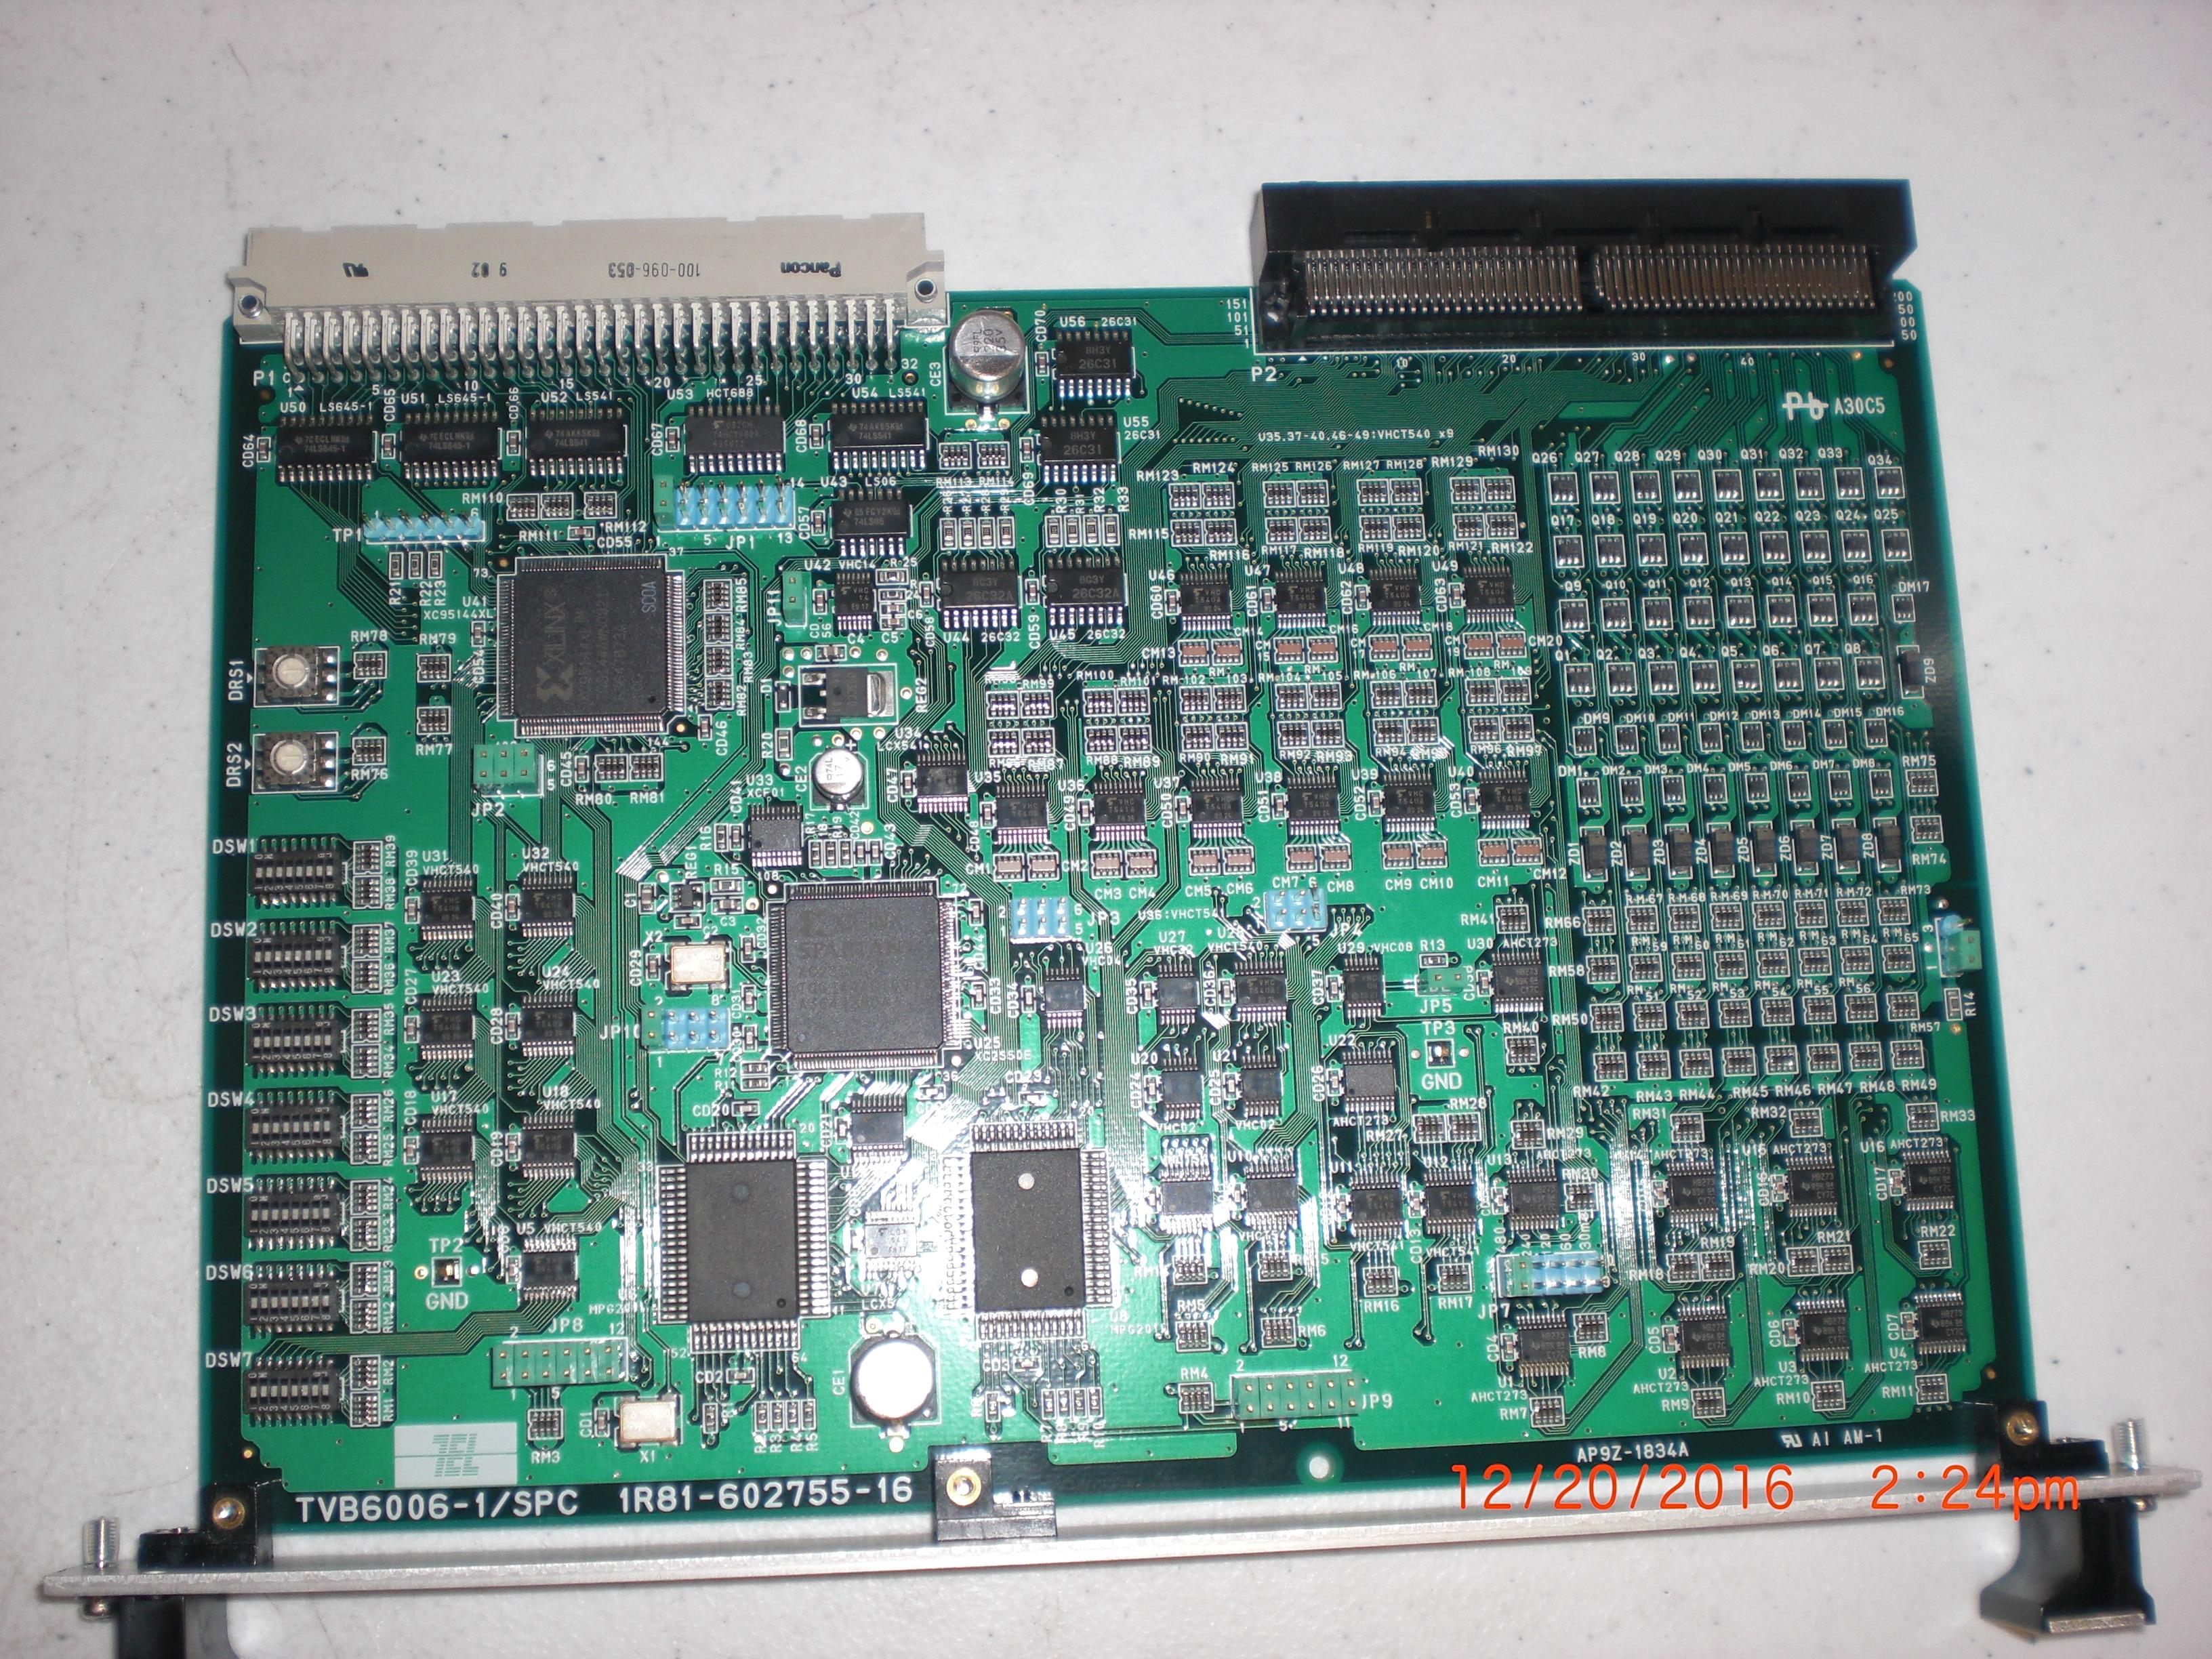 PCB TVB006-1/SPC Board (TEL) CT1R81-602755-16